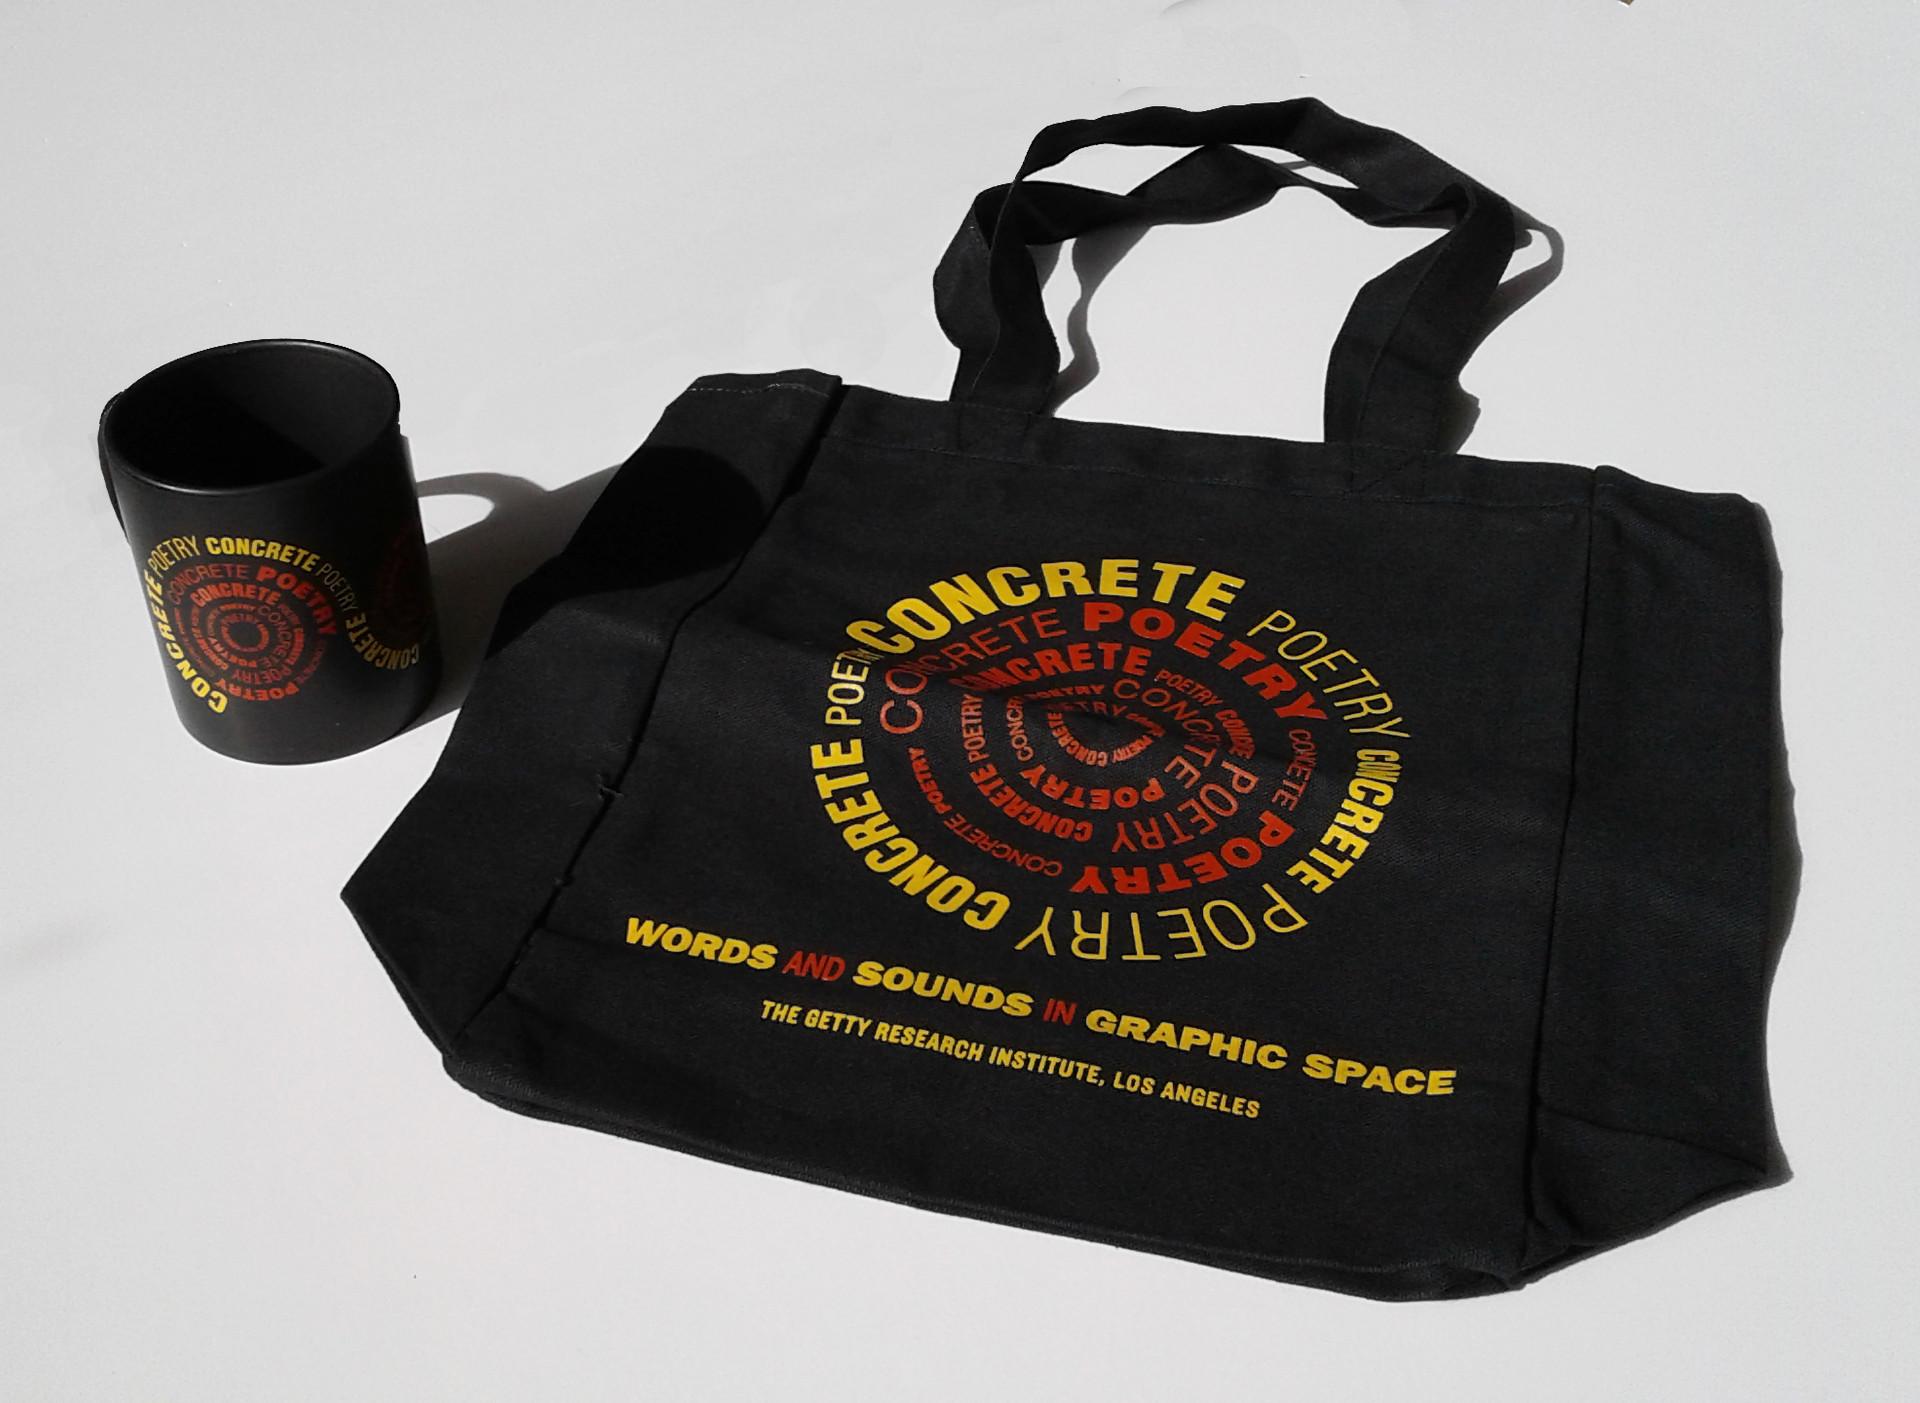 Exhibition mug and tote bag.